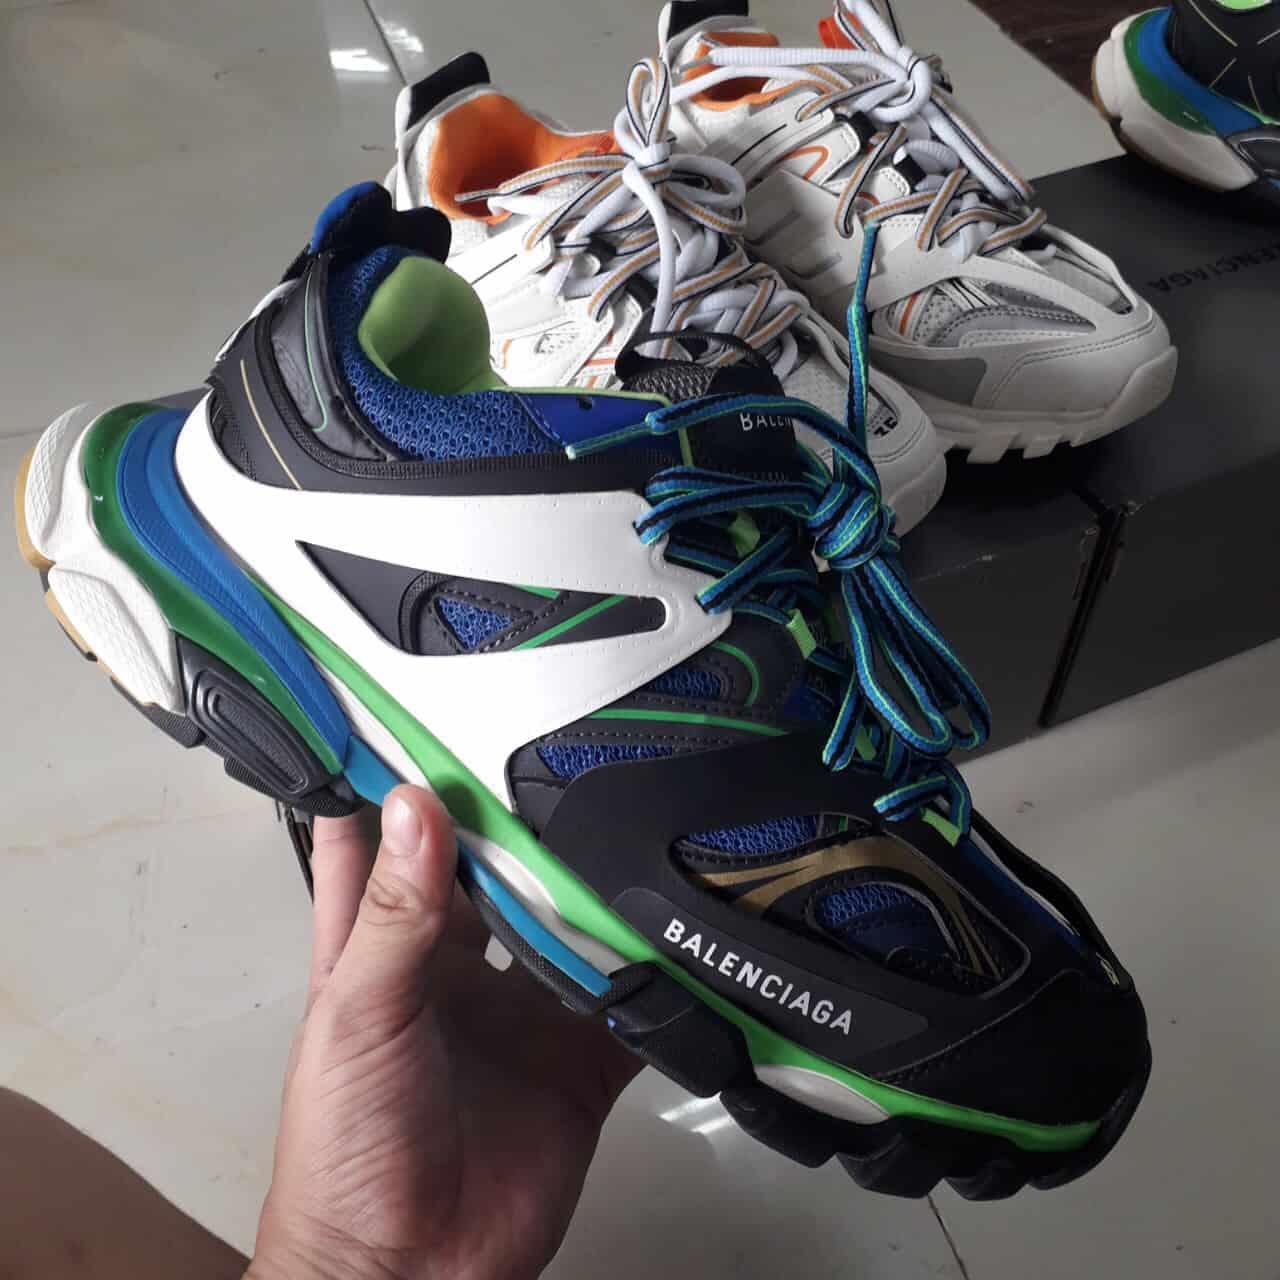 Giày Bata Balenciaga Track Xanh Đen giúp bạn tỏa sáng trong mọi phong cách thời thượng